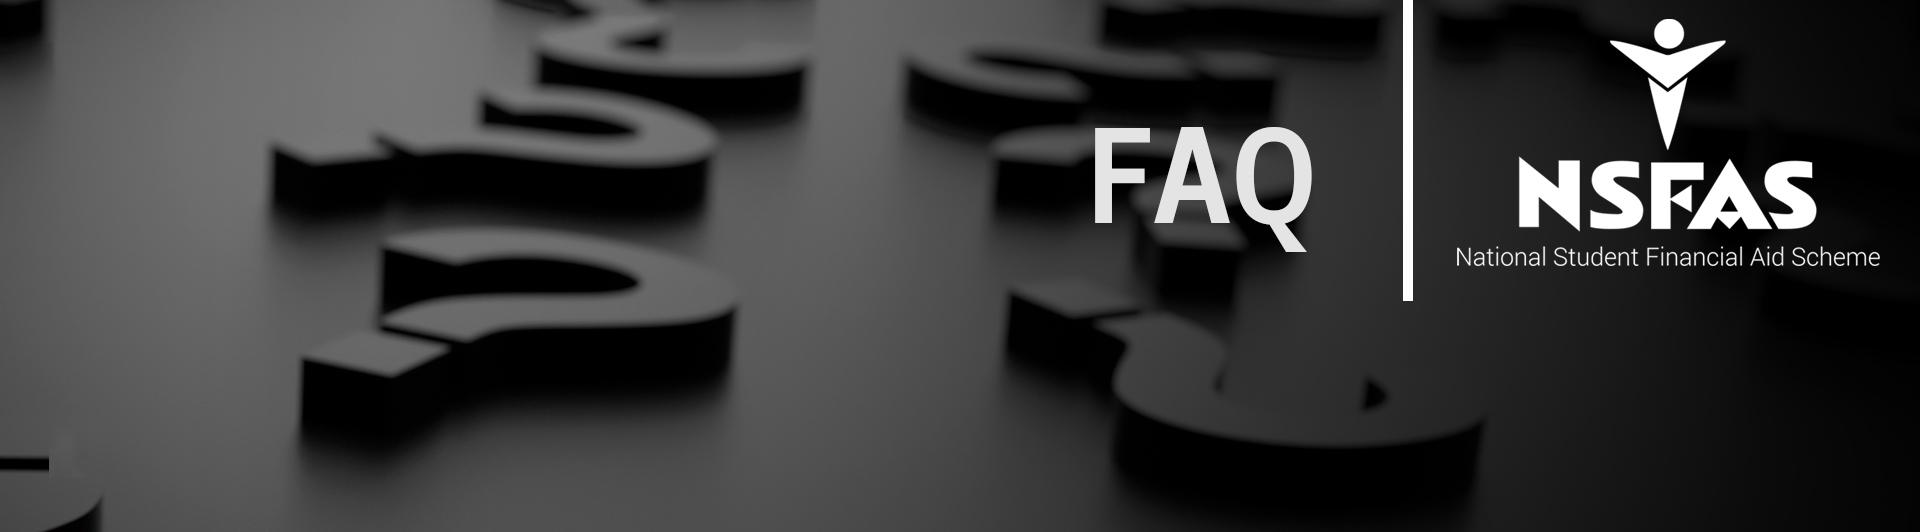 NSFAS FAQ